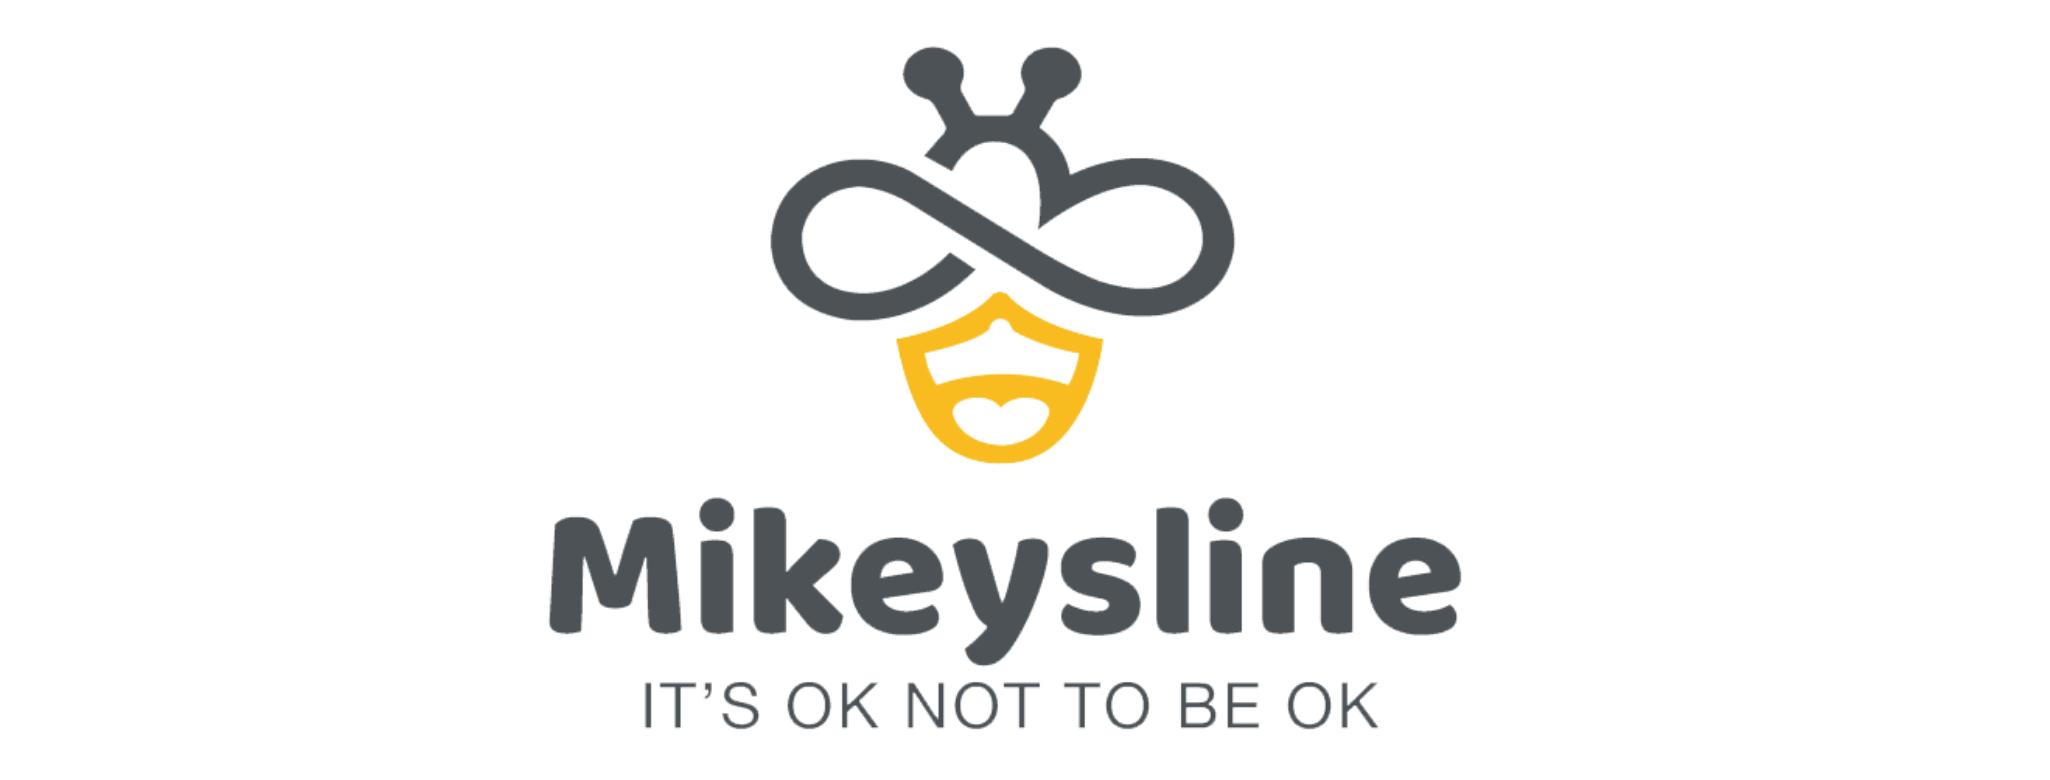 Mikeysline logo